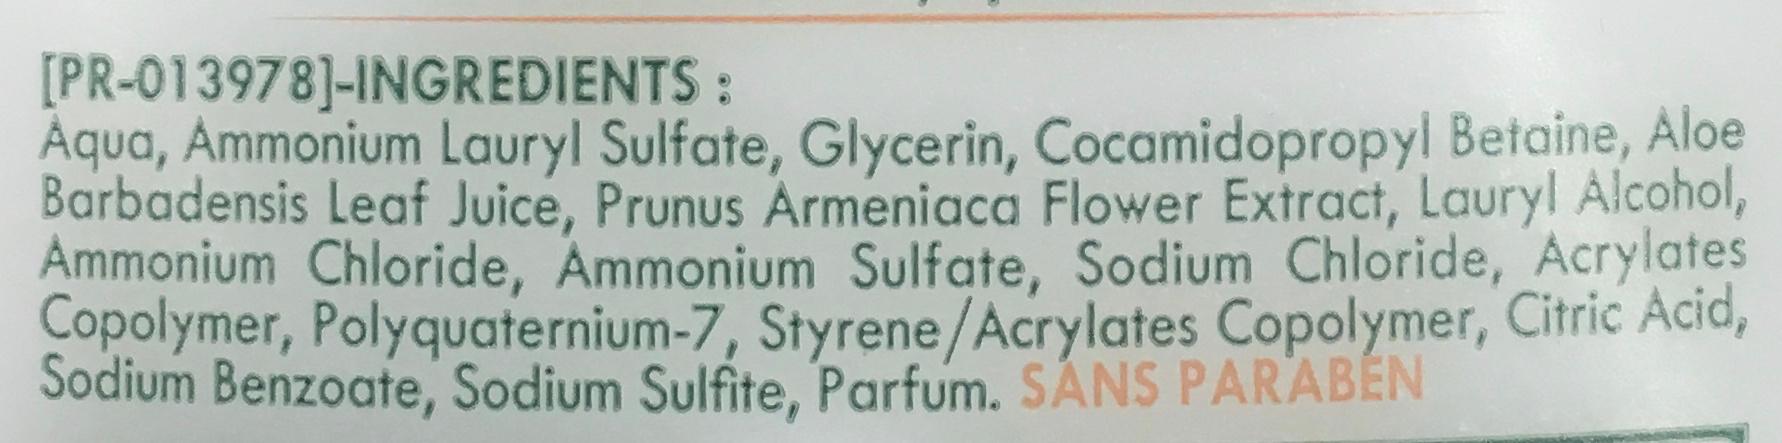 Douche & Bain crème hypoallergenique Sève d'Aloe Vera & Fleur d'Abricotier - Ingrédients - fr